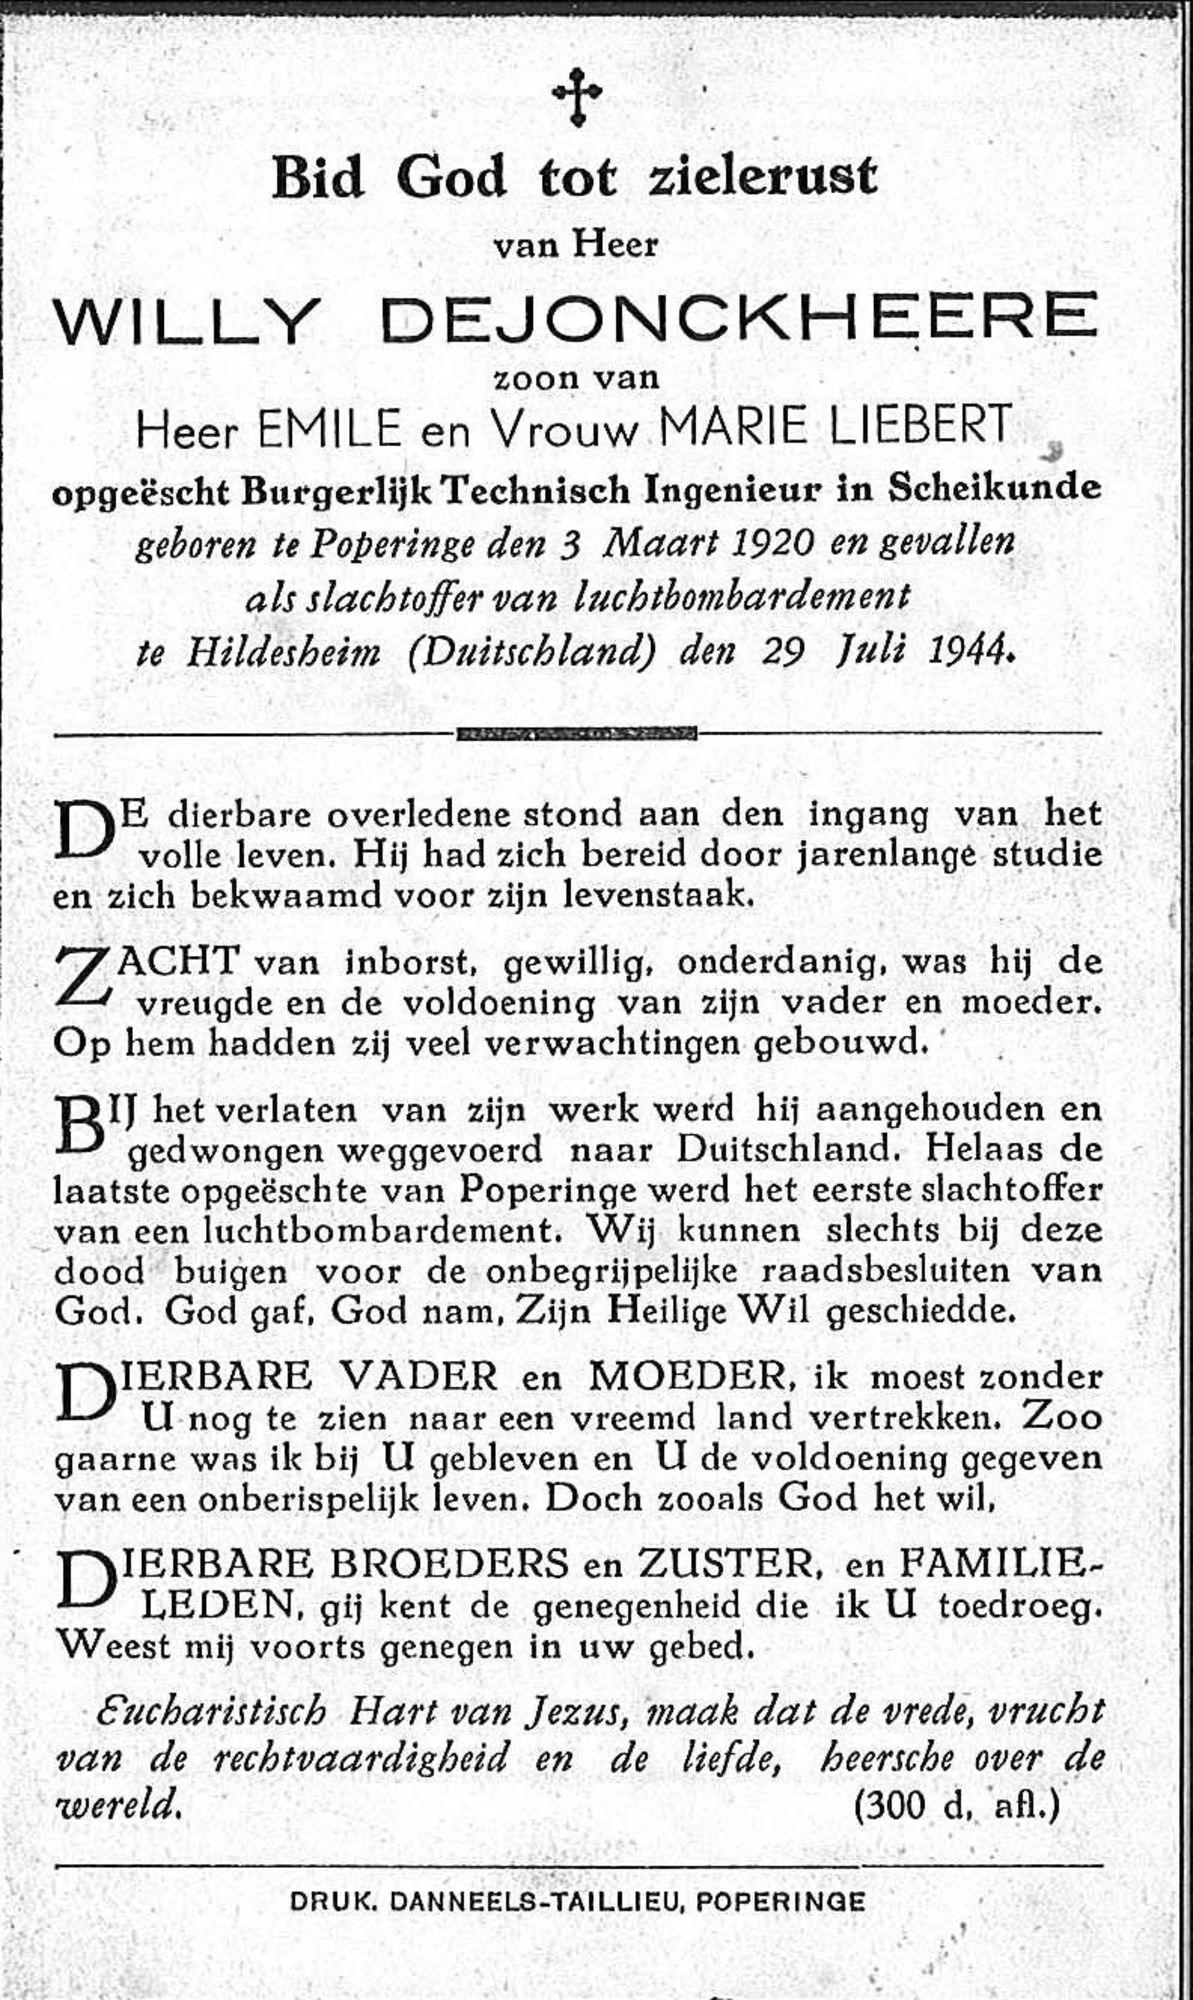 Willy Dejonckheere